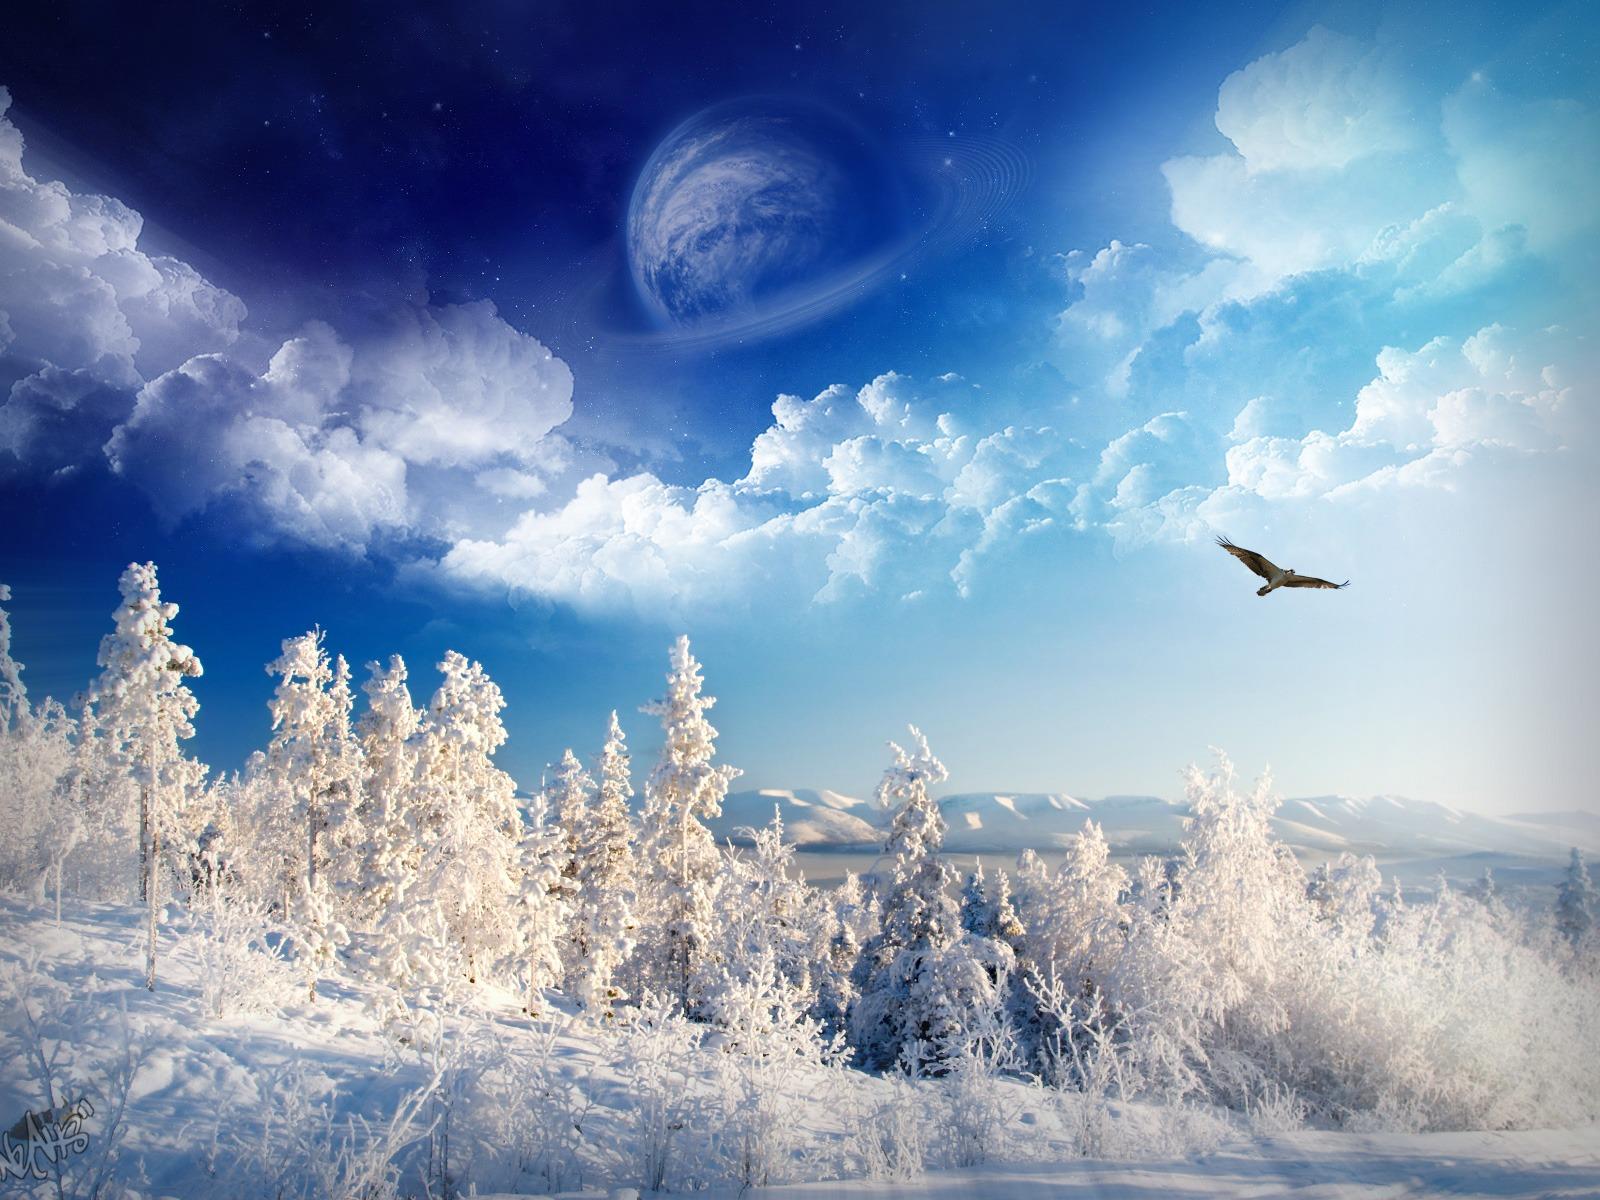 The Yellow Bird: Winter